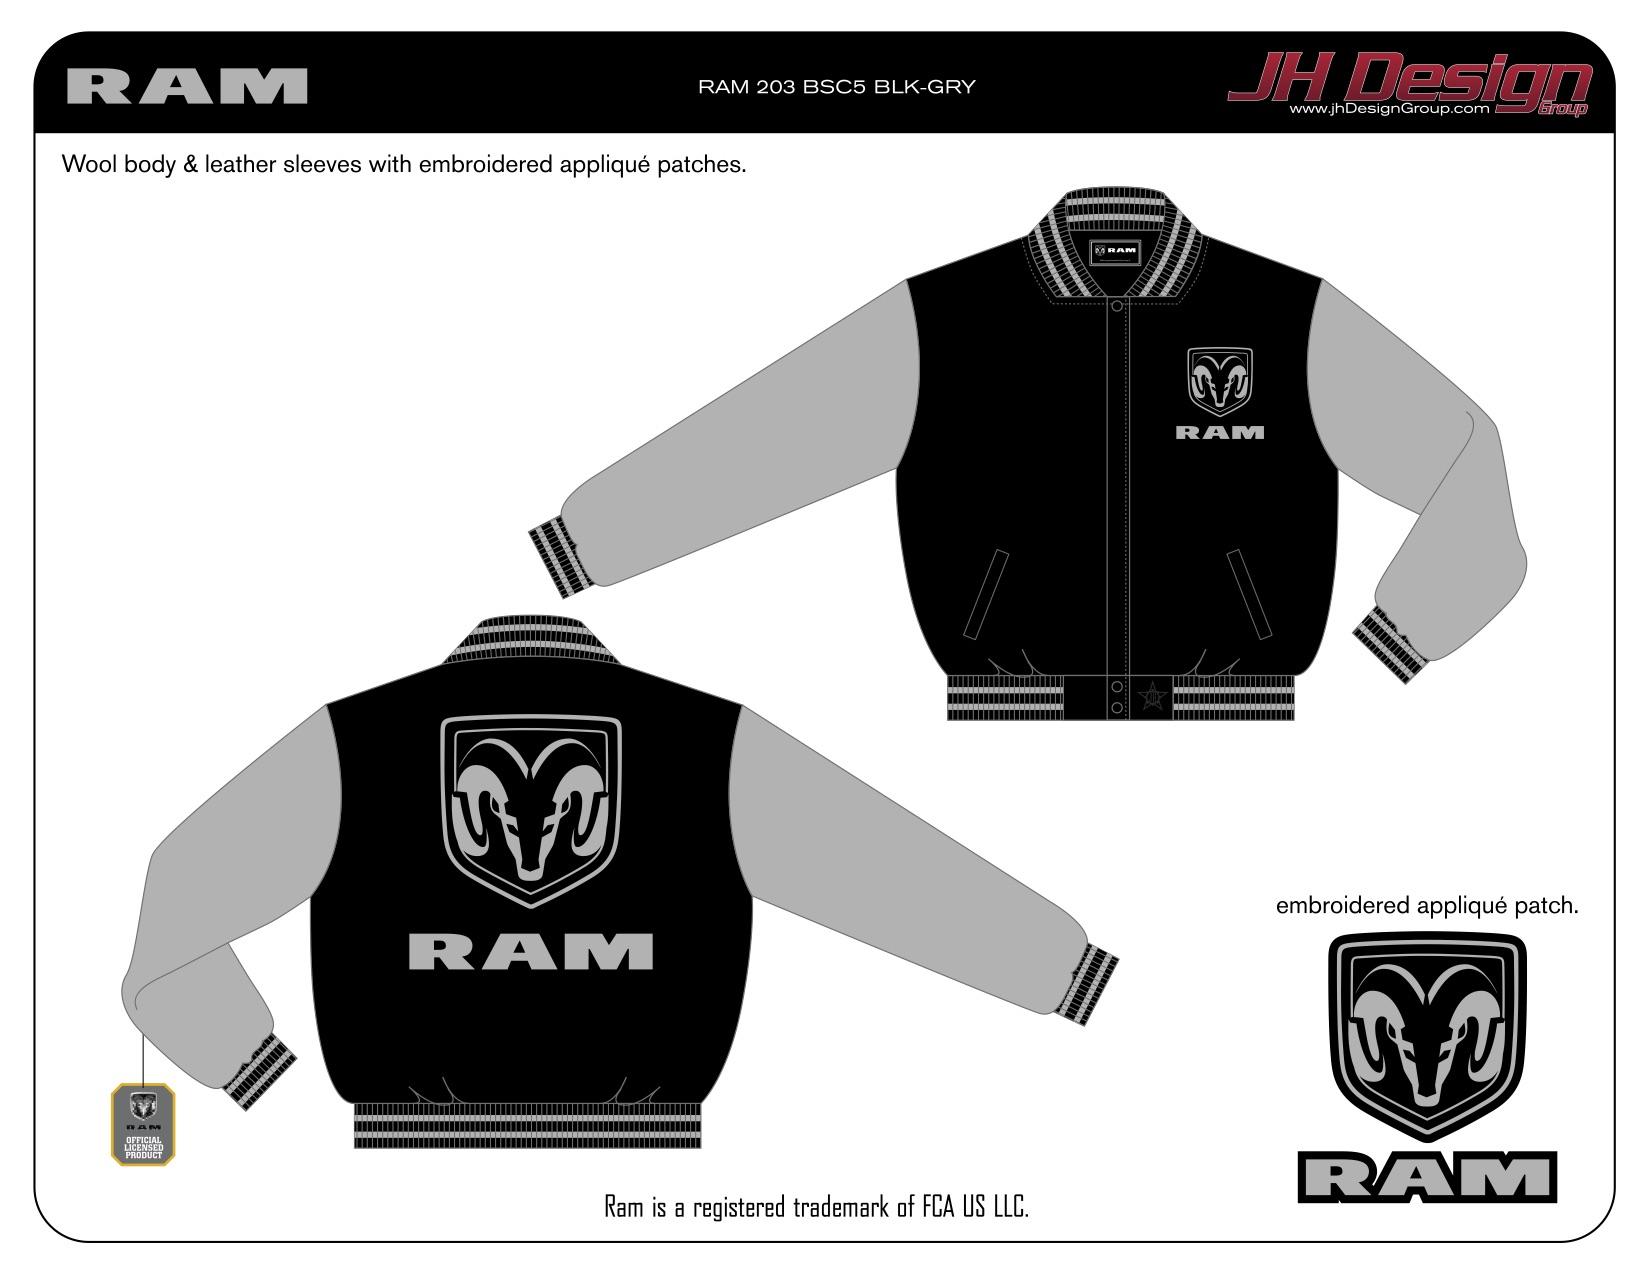 RAM 203 BSC5 BLK-GRY